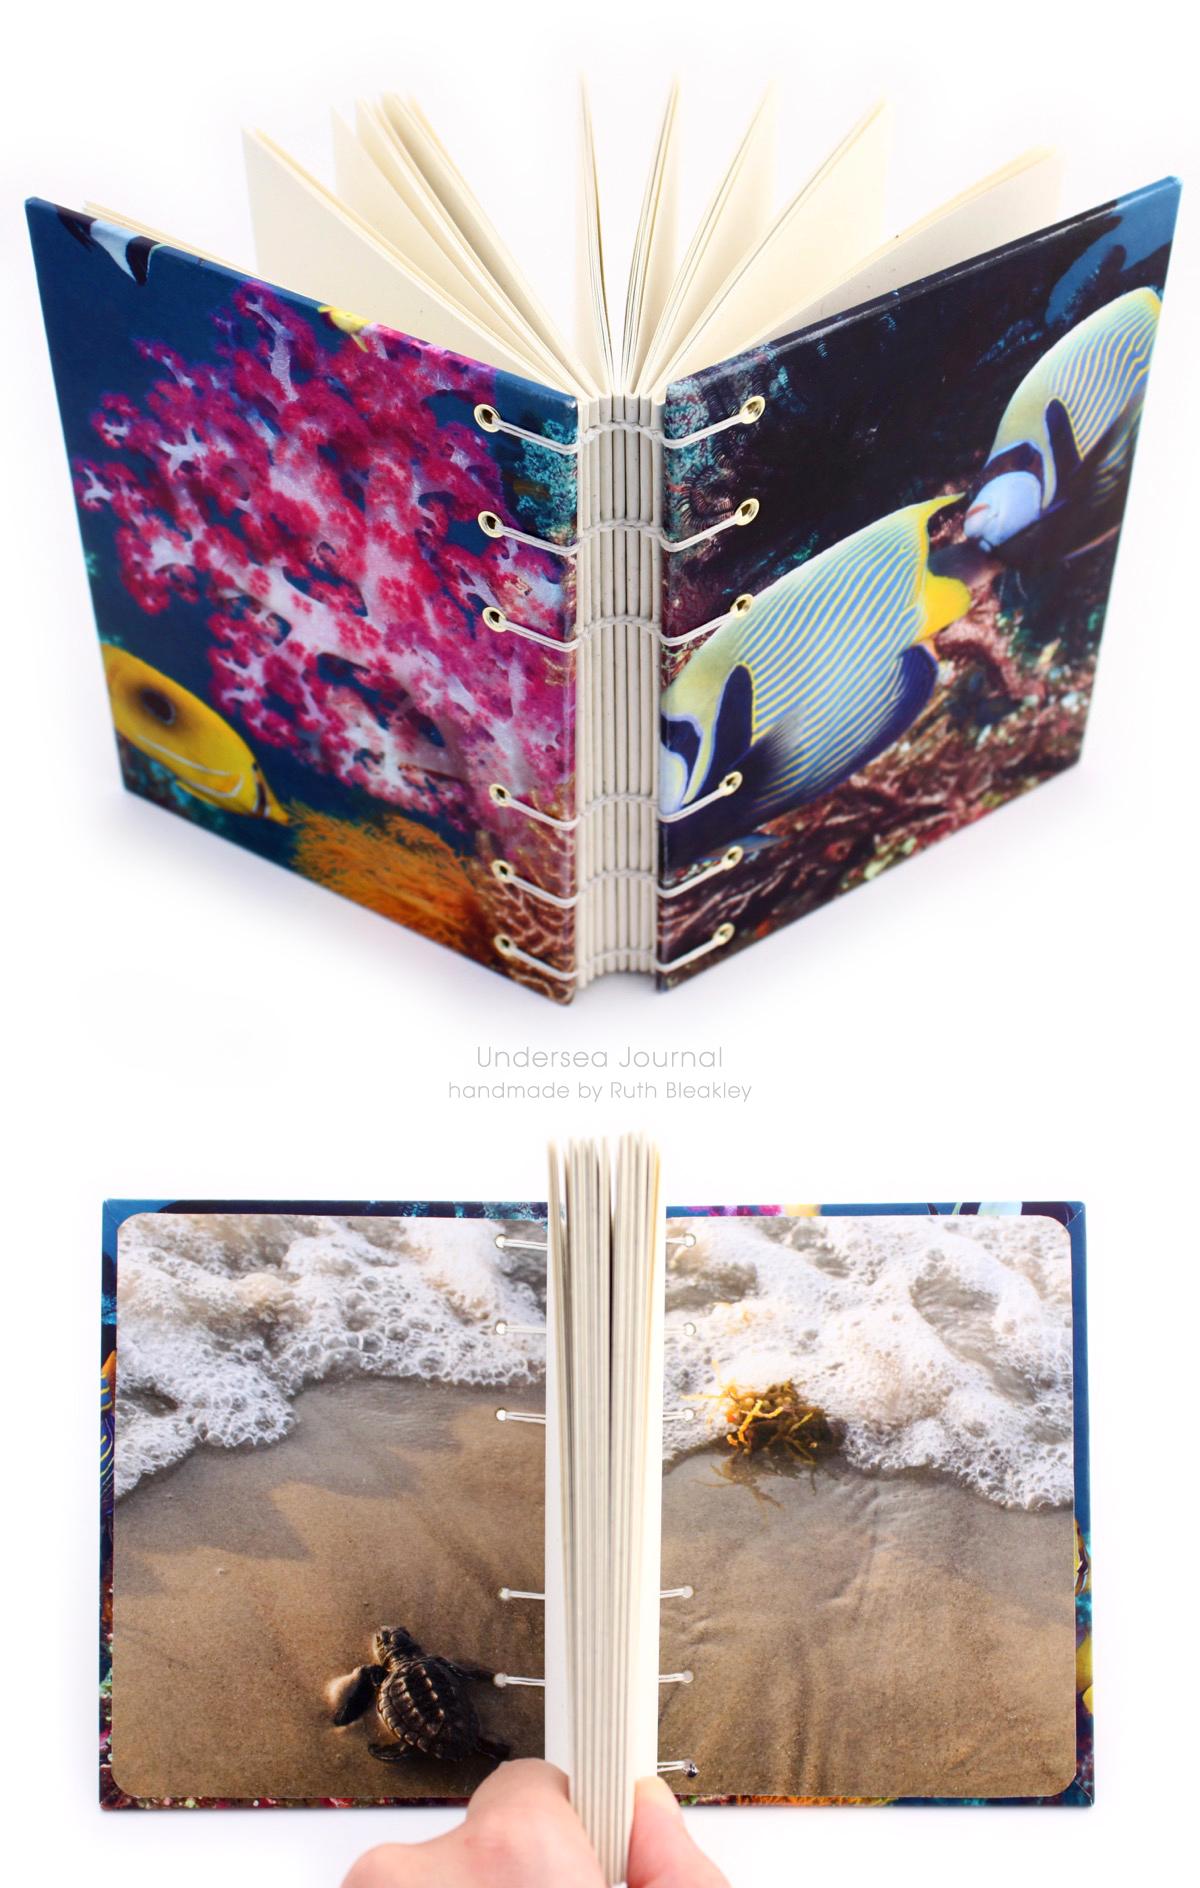 Undersea Journal handmade by Ruth Bleakley